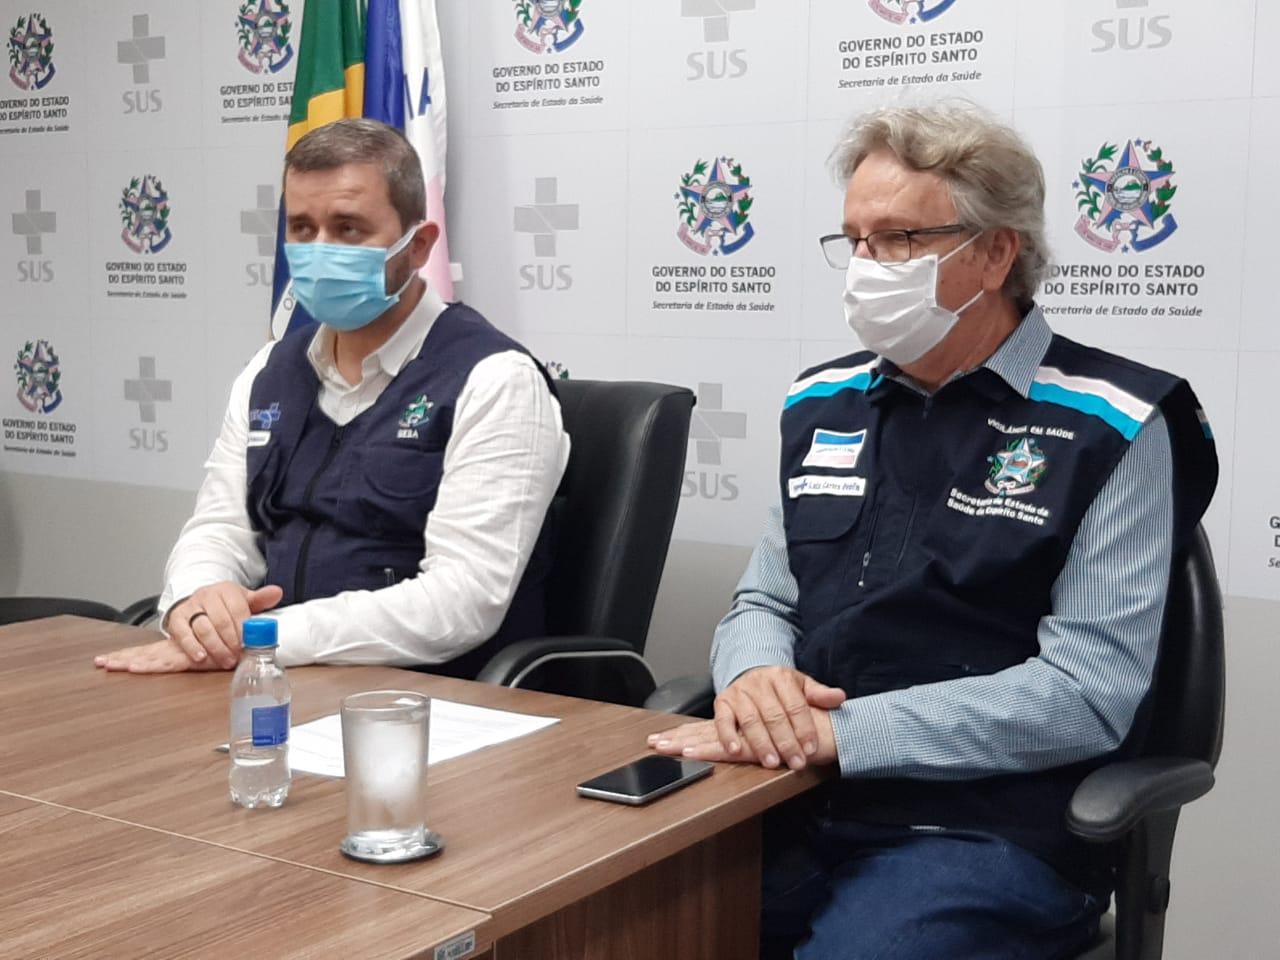 Nésio Fernandes, Secretário de Estado da Saúde; e Luiz Carlos Reblin, subsecretário de Estado de Vigilância em Saúde. Foto: Sesa